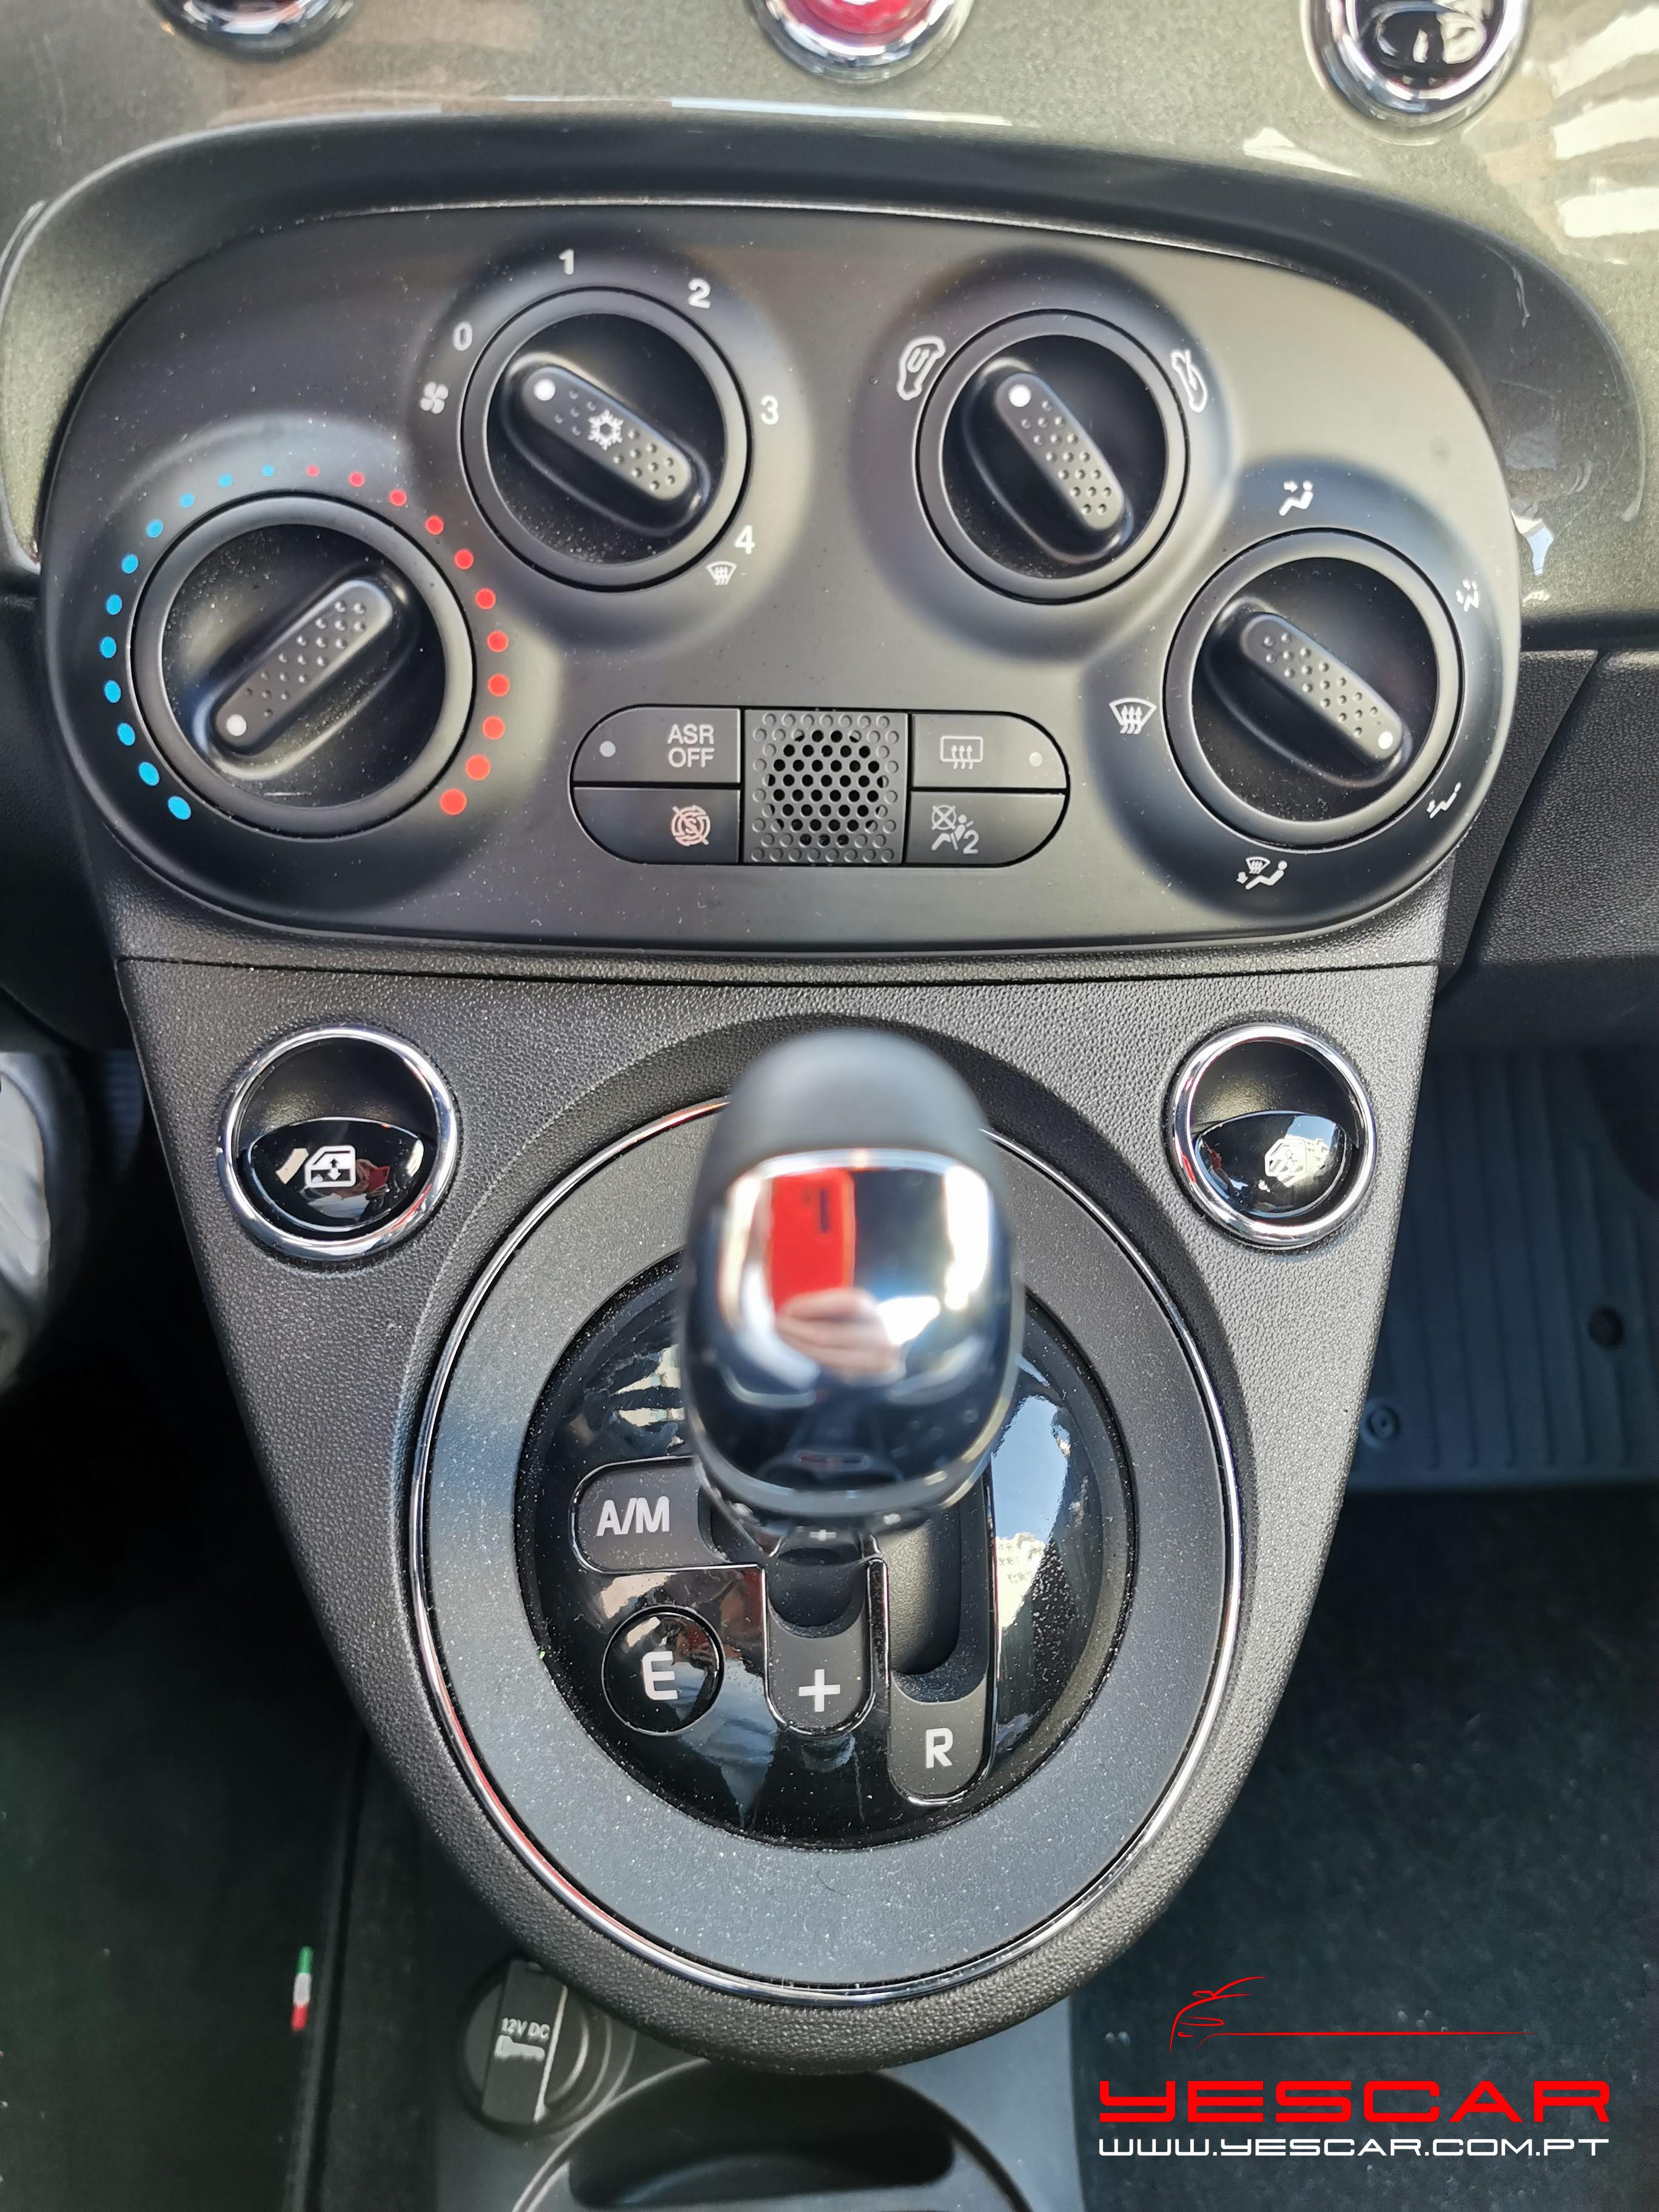 YESCAR_Fiat 500 CC (10)